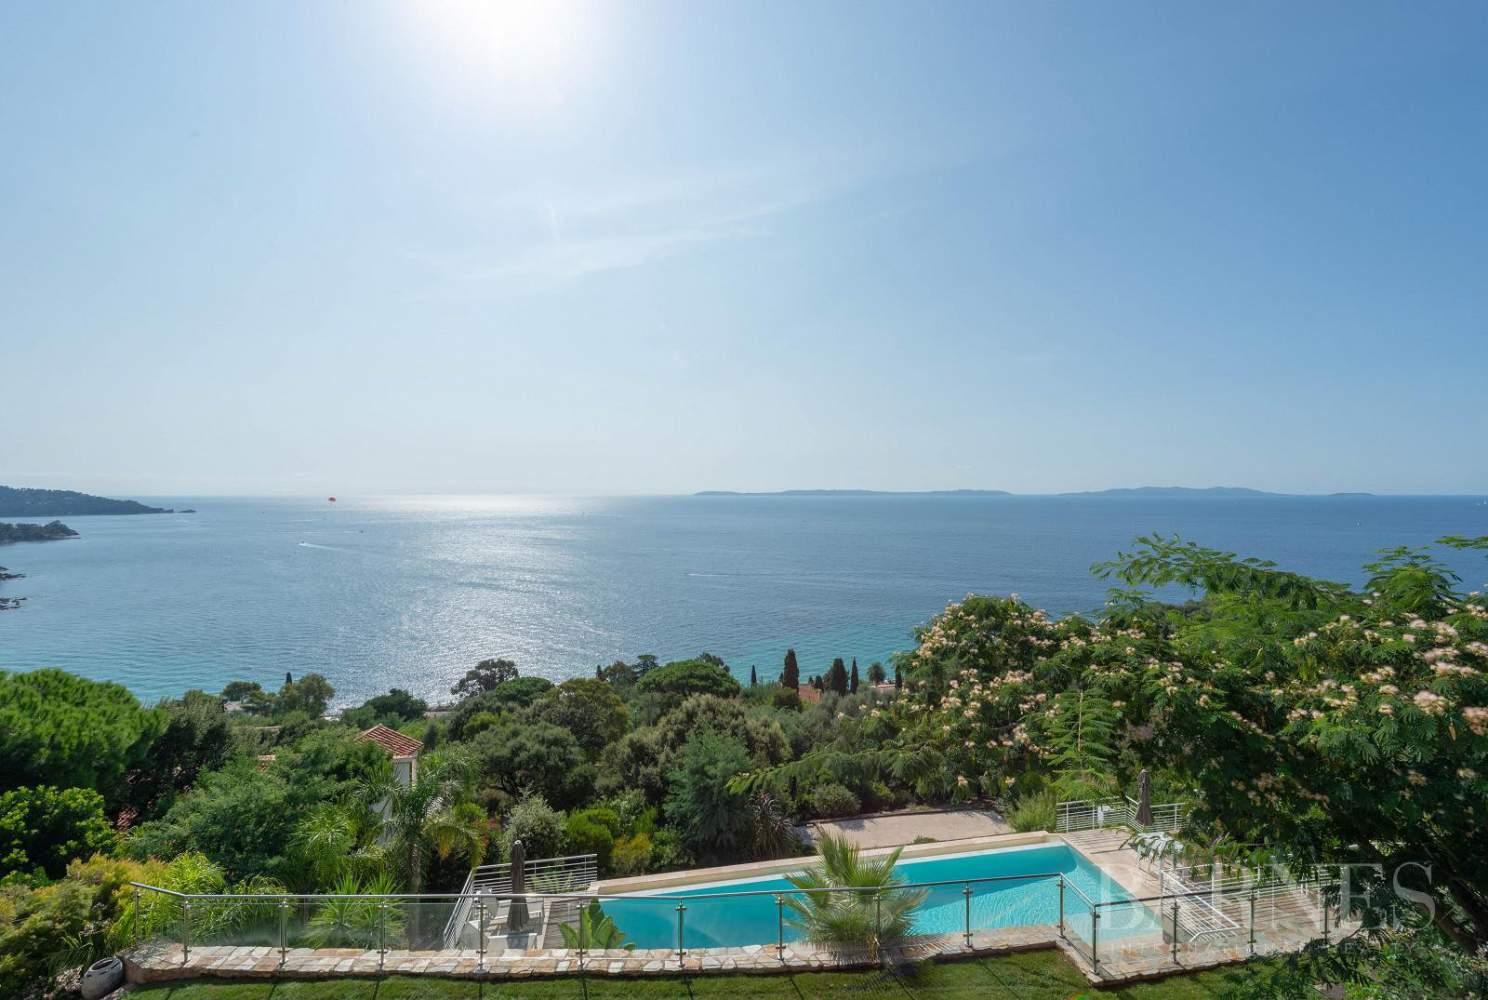 A vendre Le Lavandou villa 6 chambres vue mer panoramique - piscine picture 1